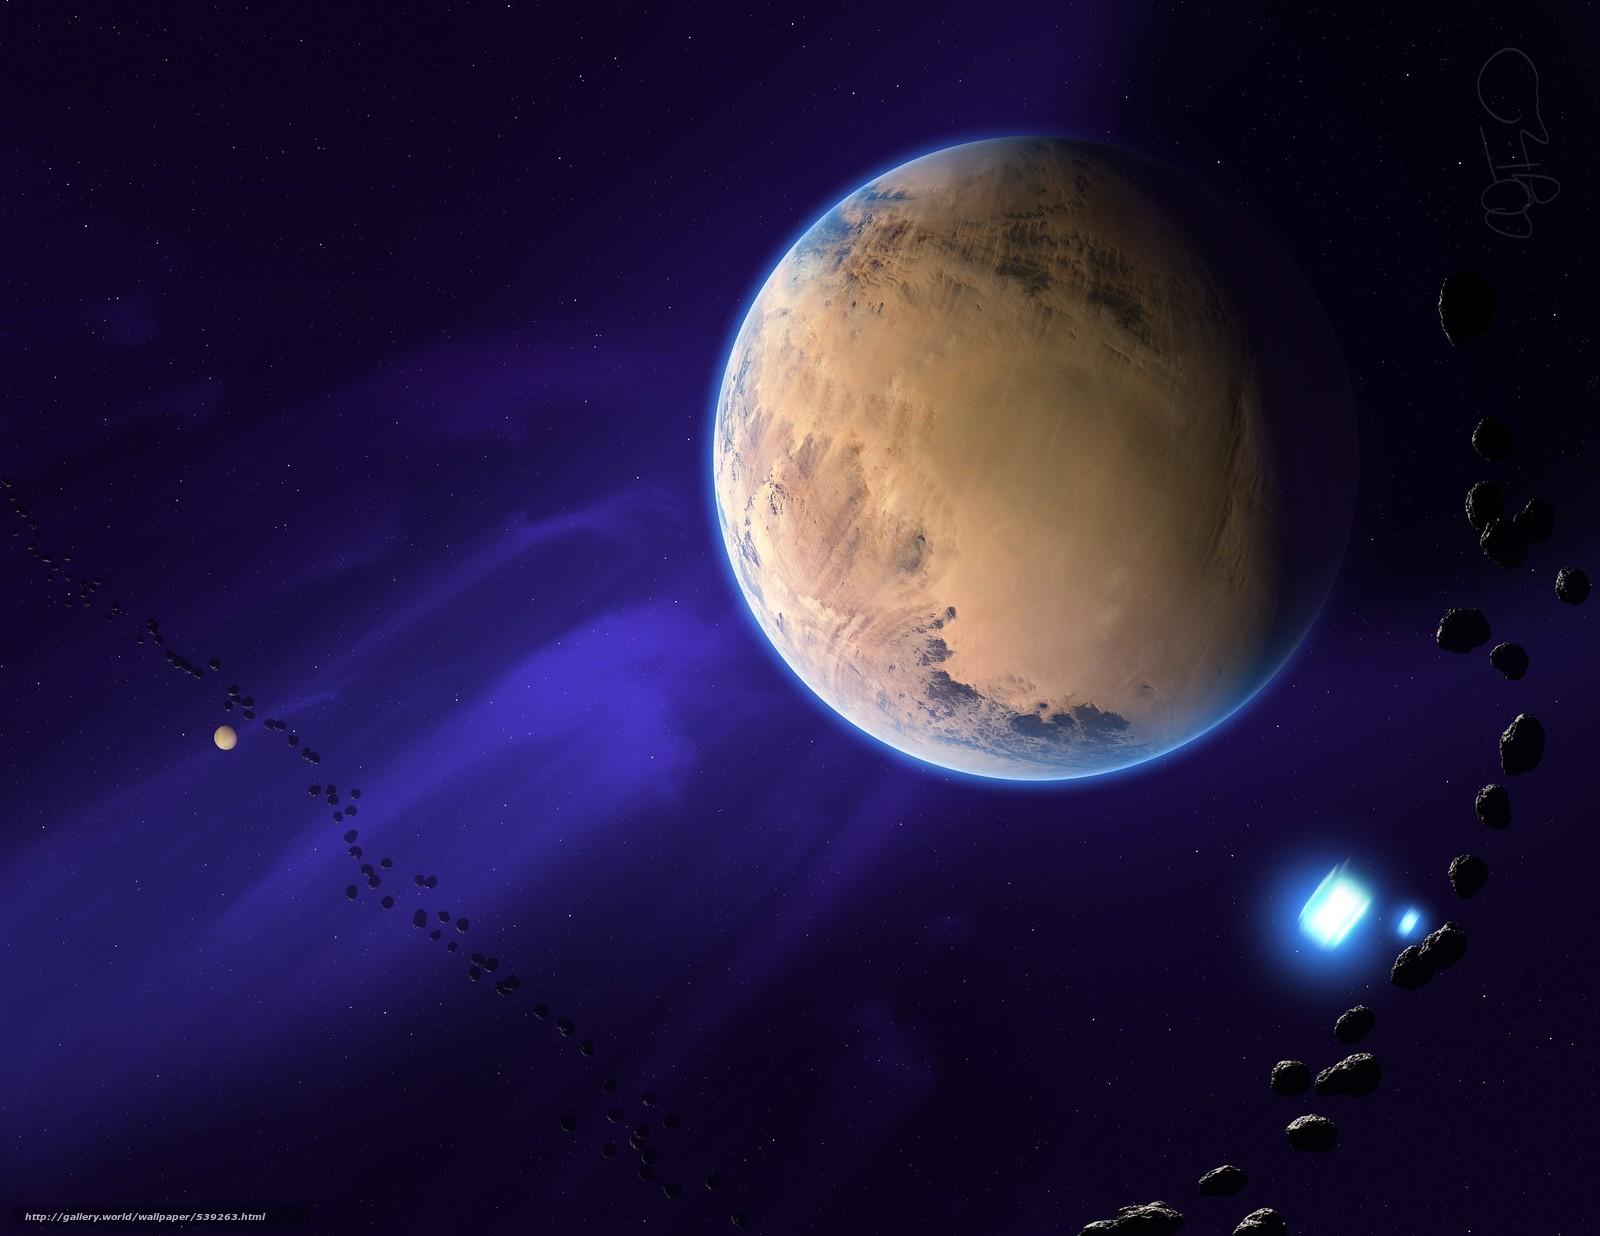 Скачать обои космос,  3d,  art бесплатно для рабочего стола в разрешении 3300x2550 — картинка №539263